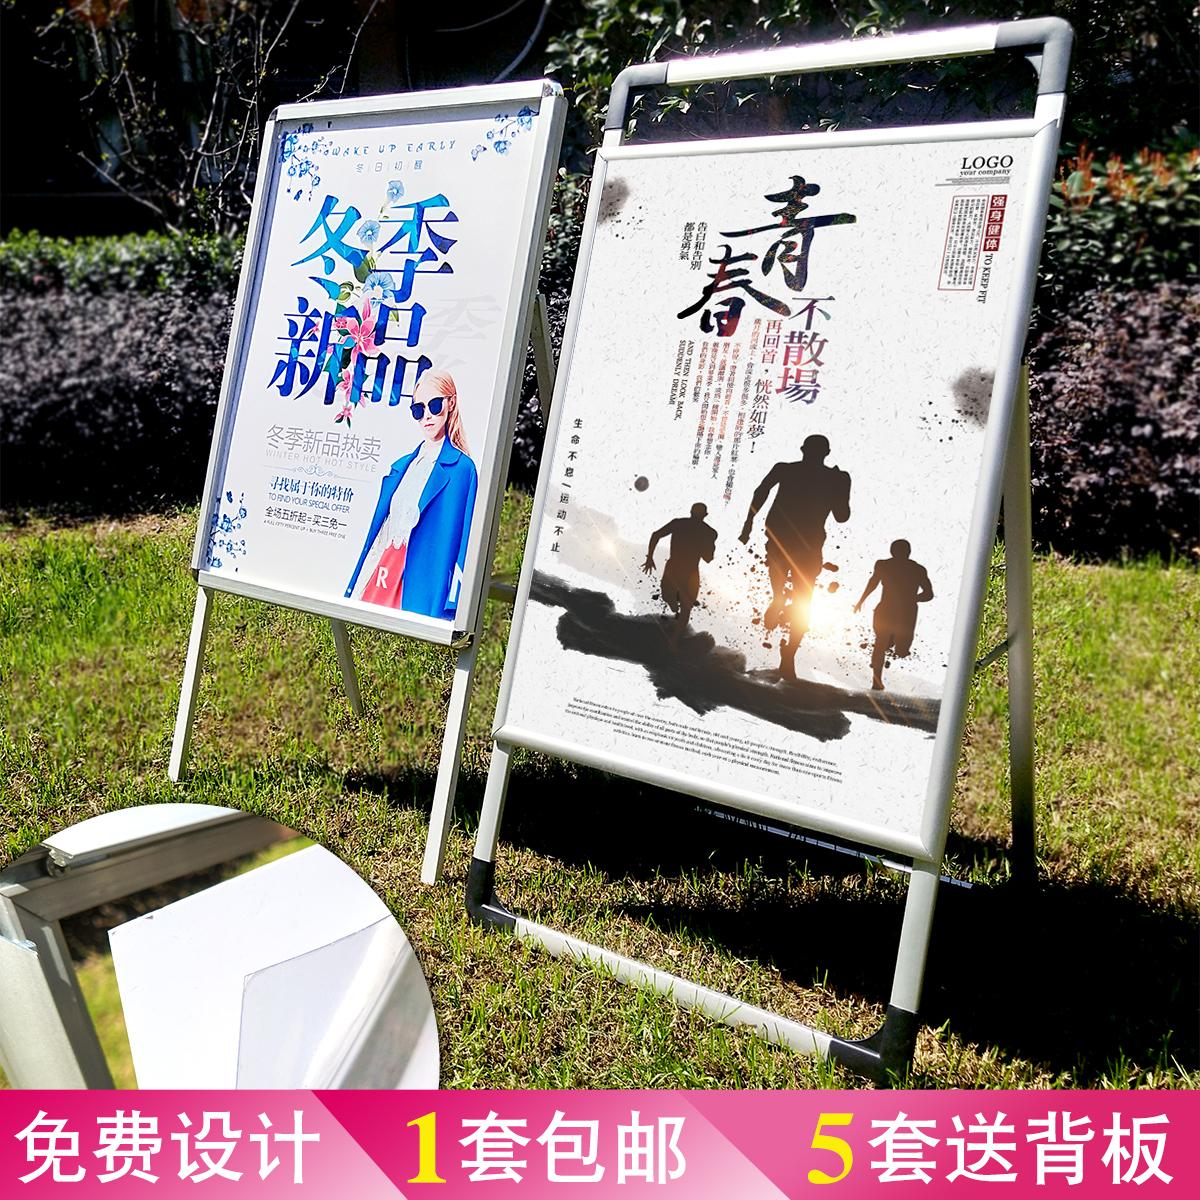 手提开启式铝合金海报架 A型广告牌折叠KT板展架宣传展示架POP架